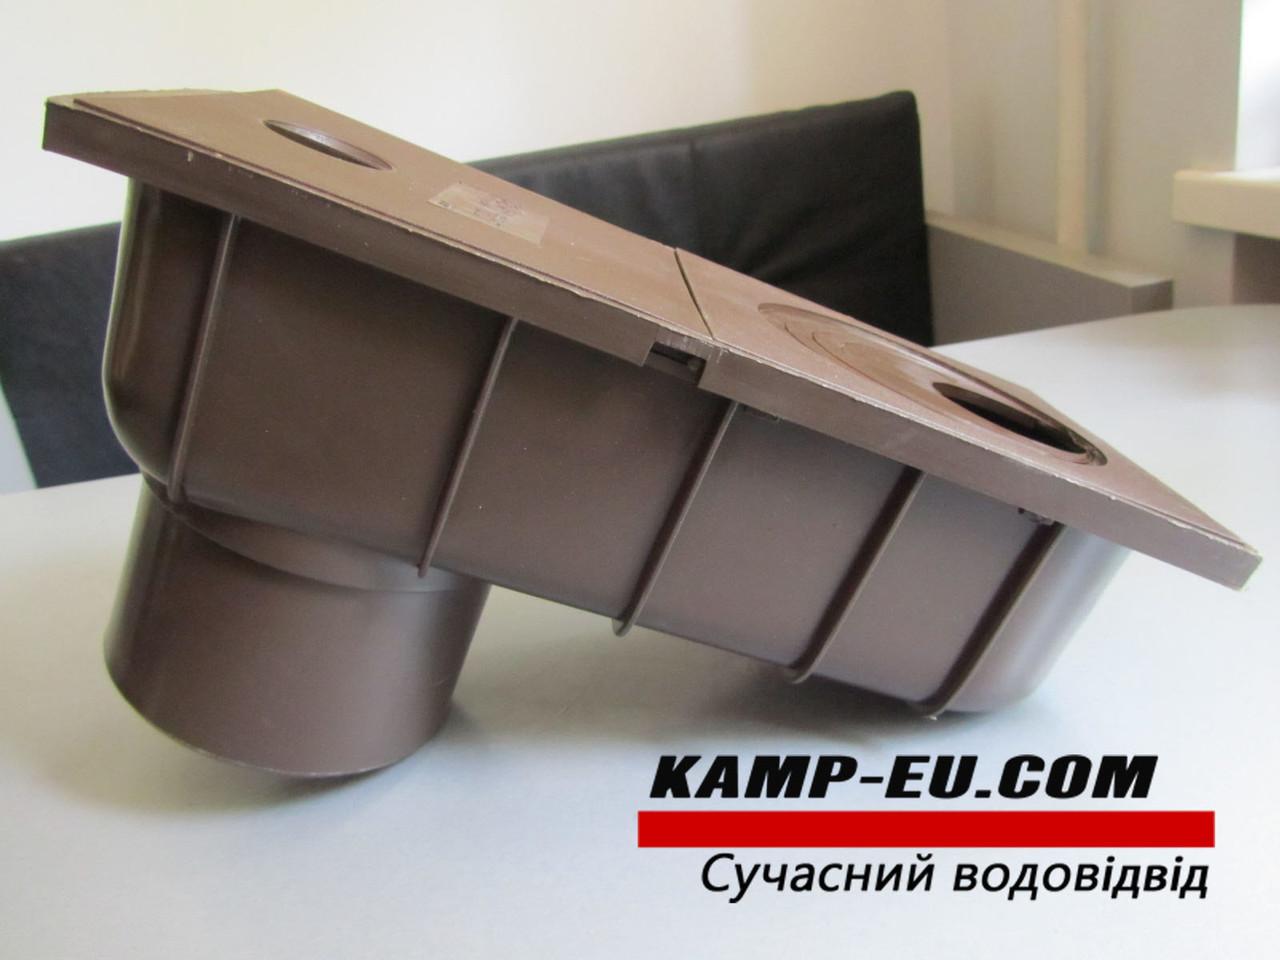 Дождепремник 110мм, коричневый боковой выход